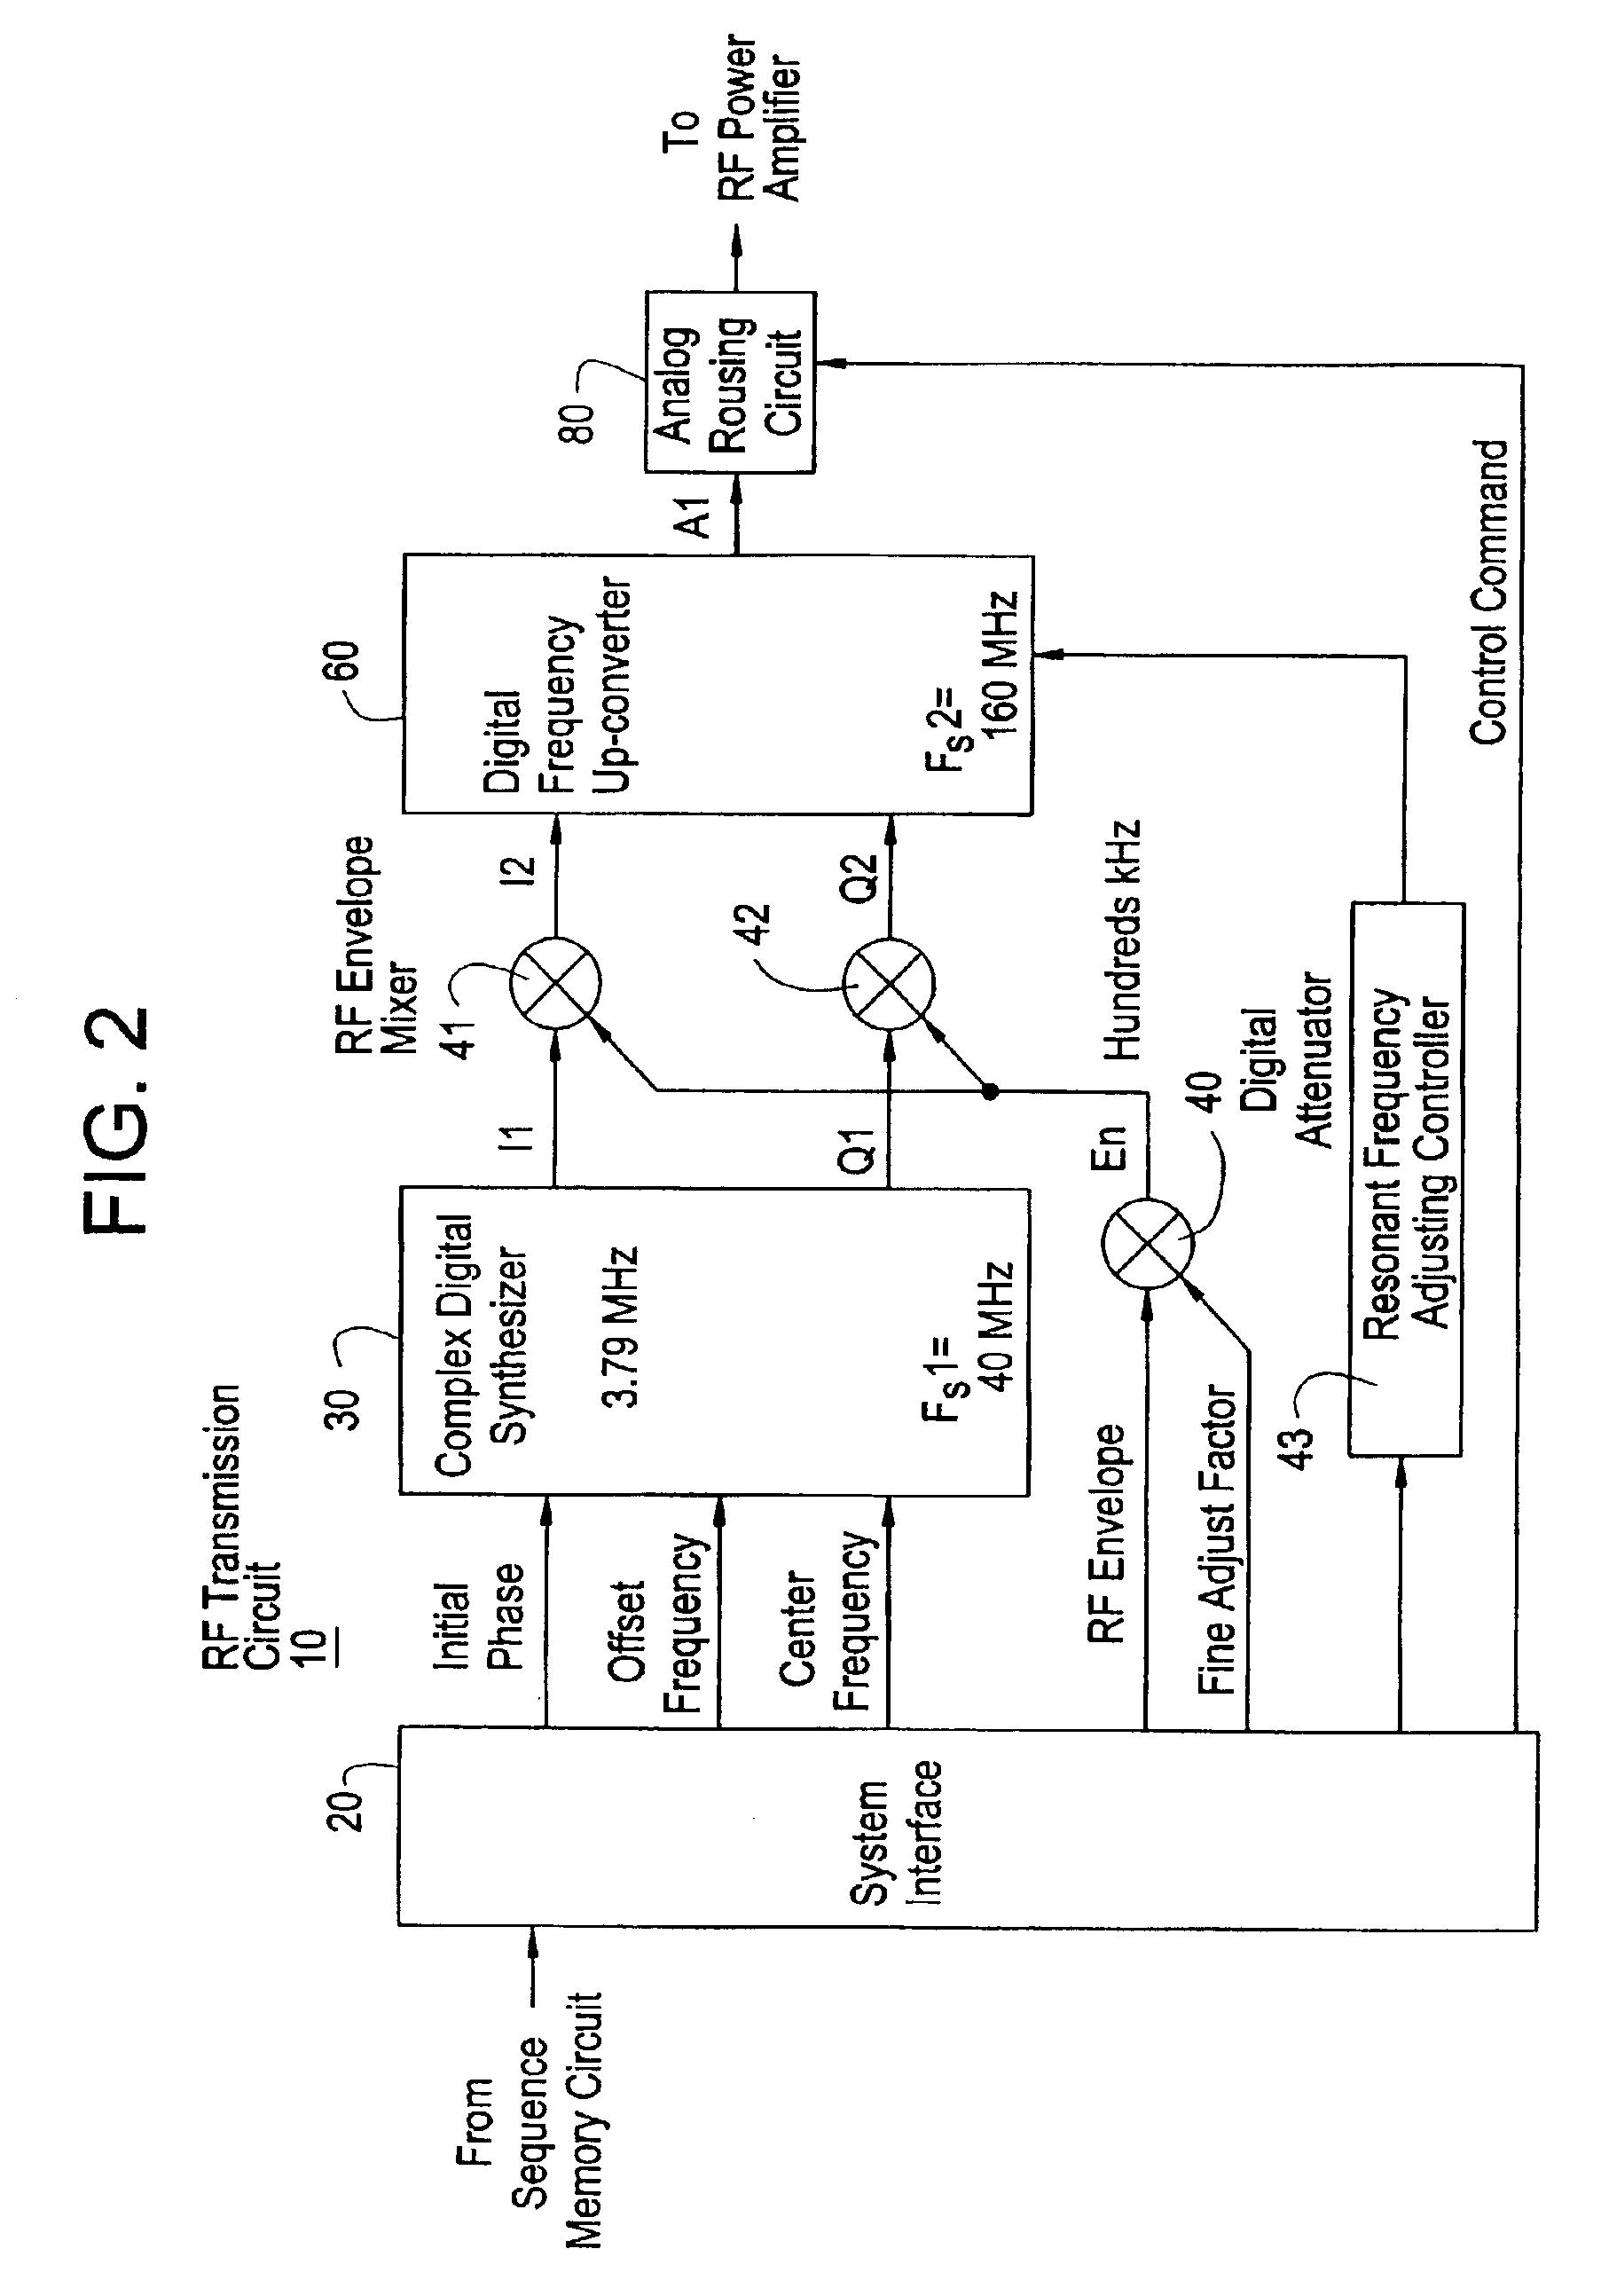 patent us6862435